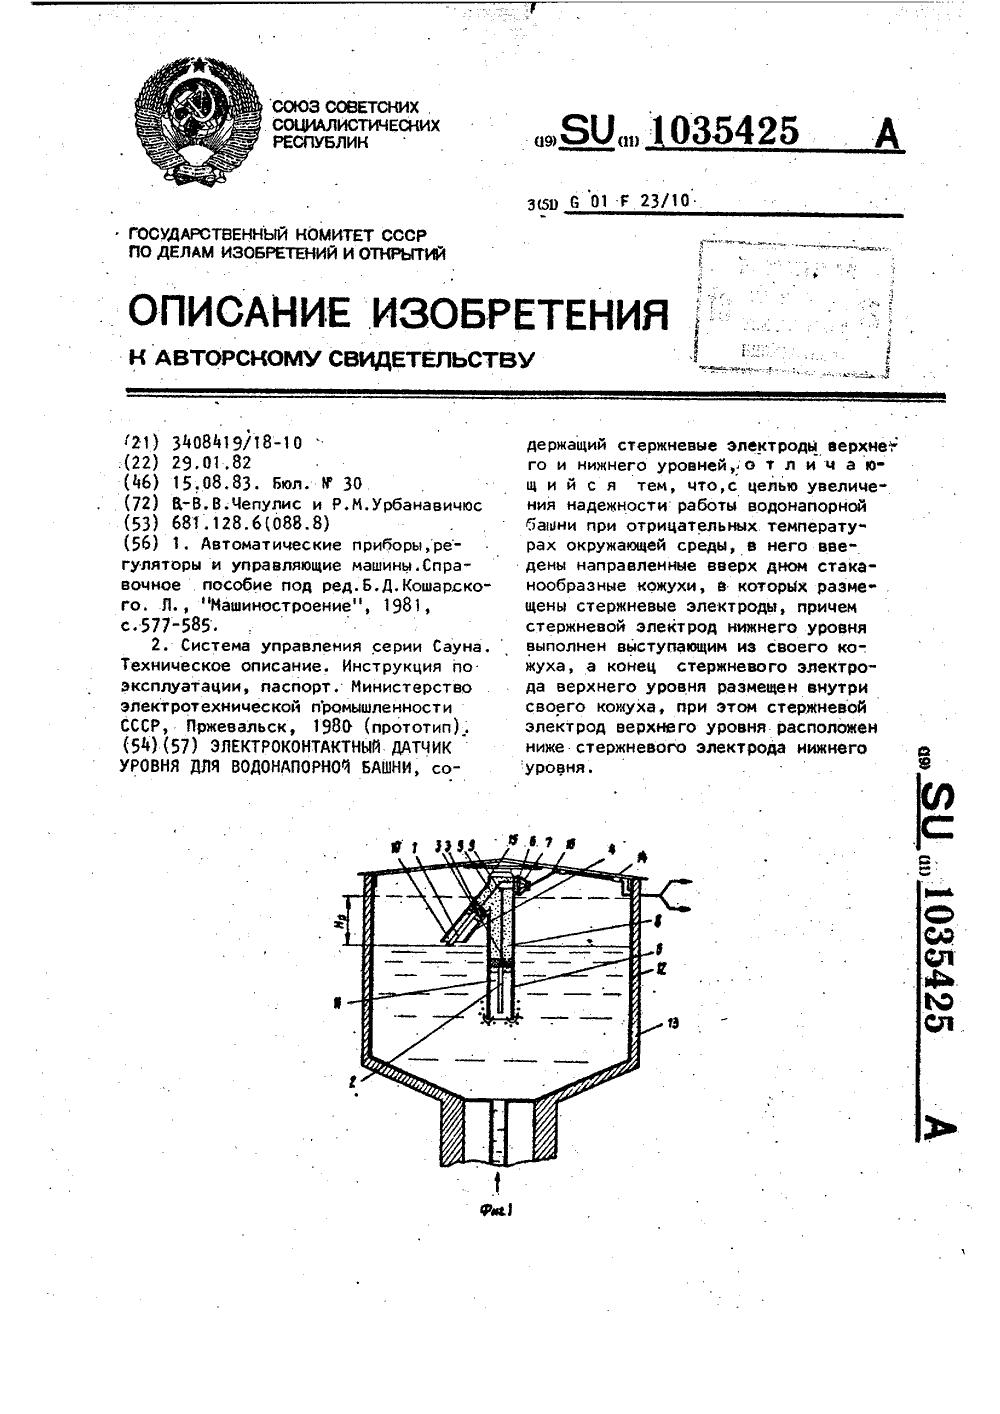 Датчики уровня воды для водонапорных баш